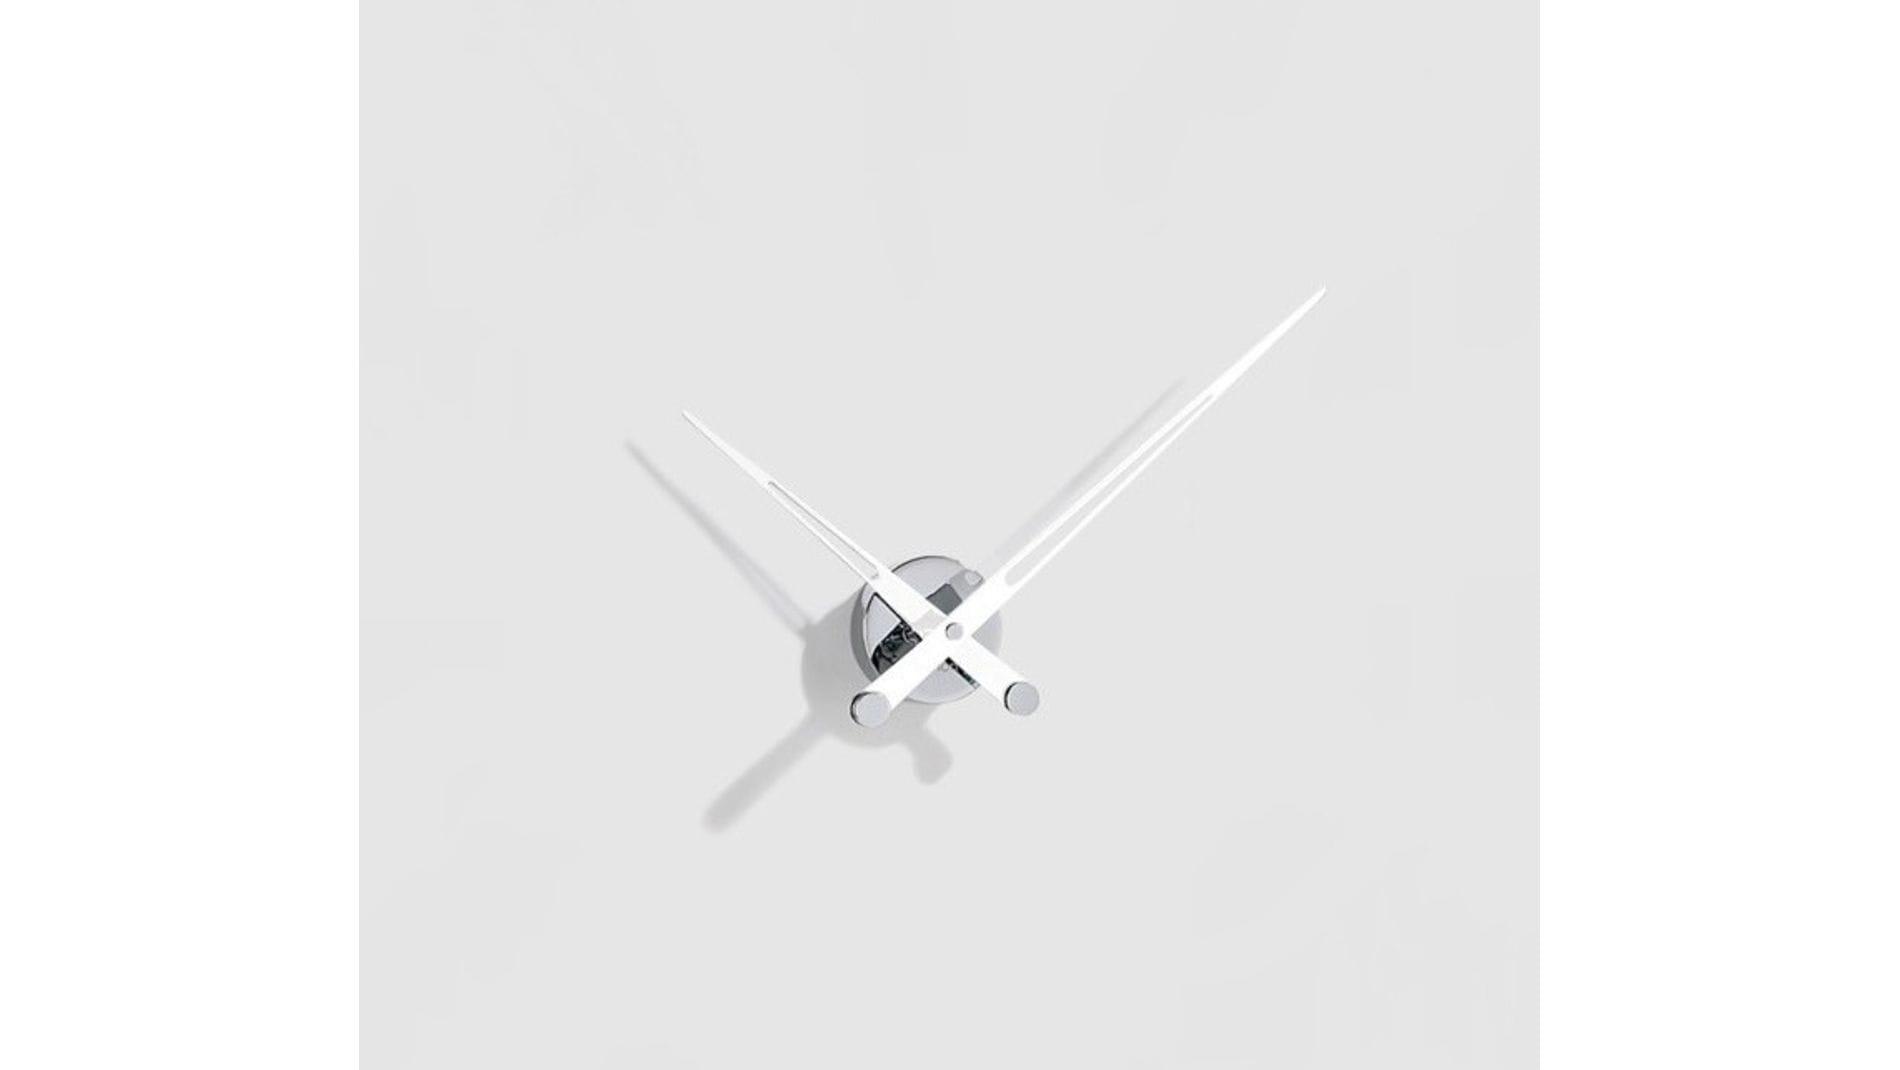 Часы Nomon Axioma i WHITE, d=60см, база: хром, стрелки: нерж. сталь, белые